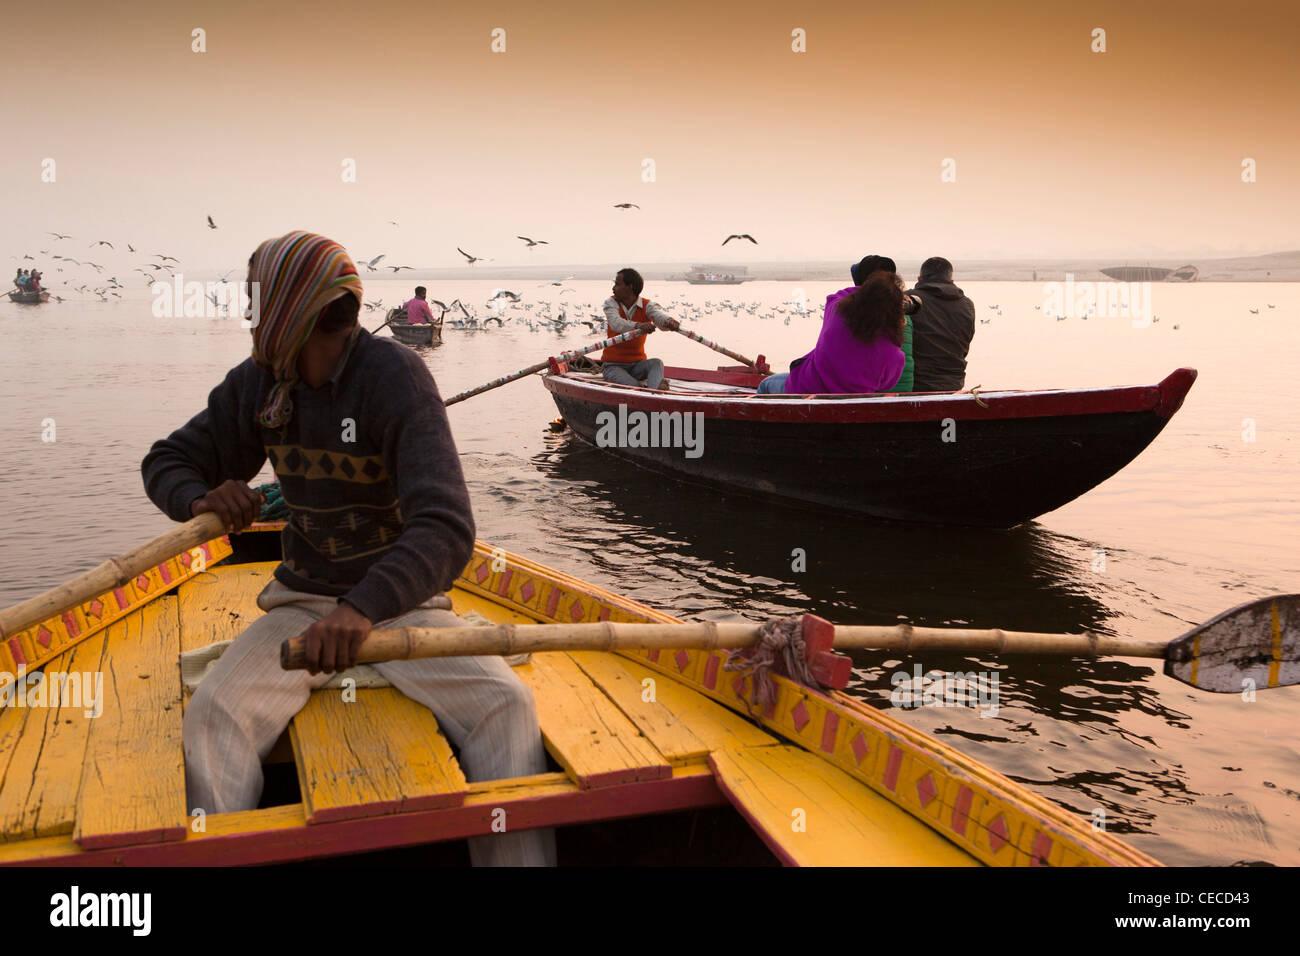 L'Inde, Uttar Pradesh, Varanasi, tôt le matin, les touristes appréciant l'aube excursion en bateau Photo Stock